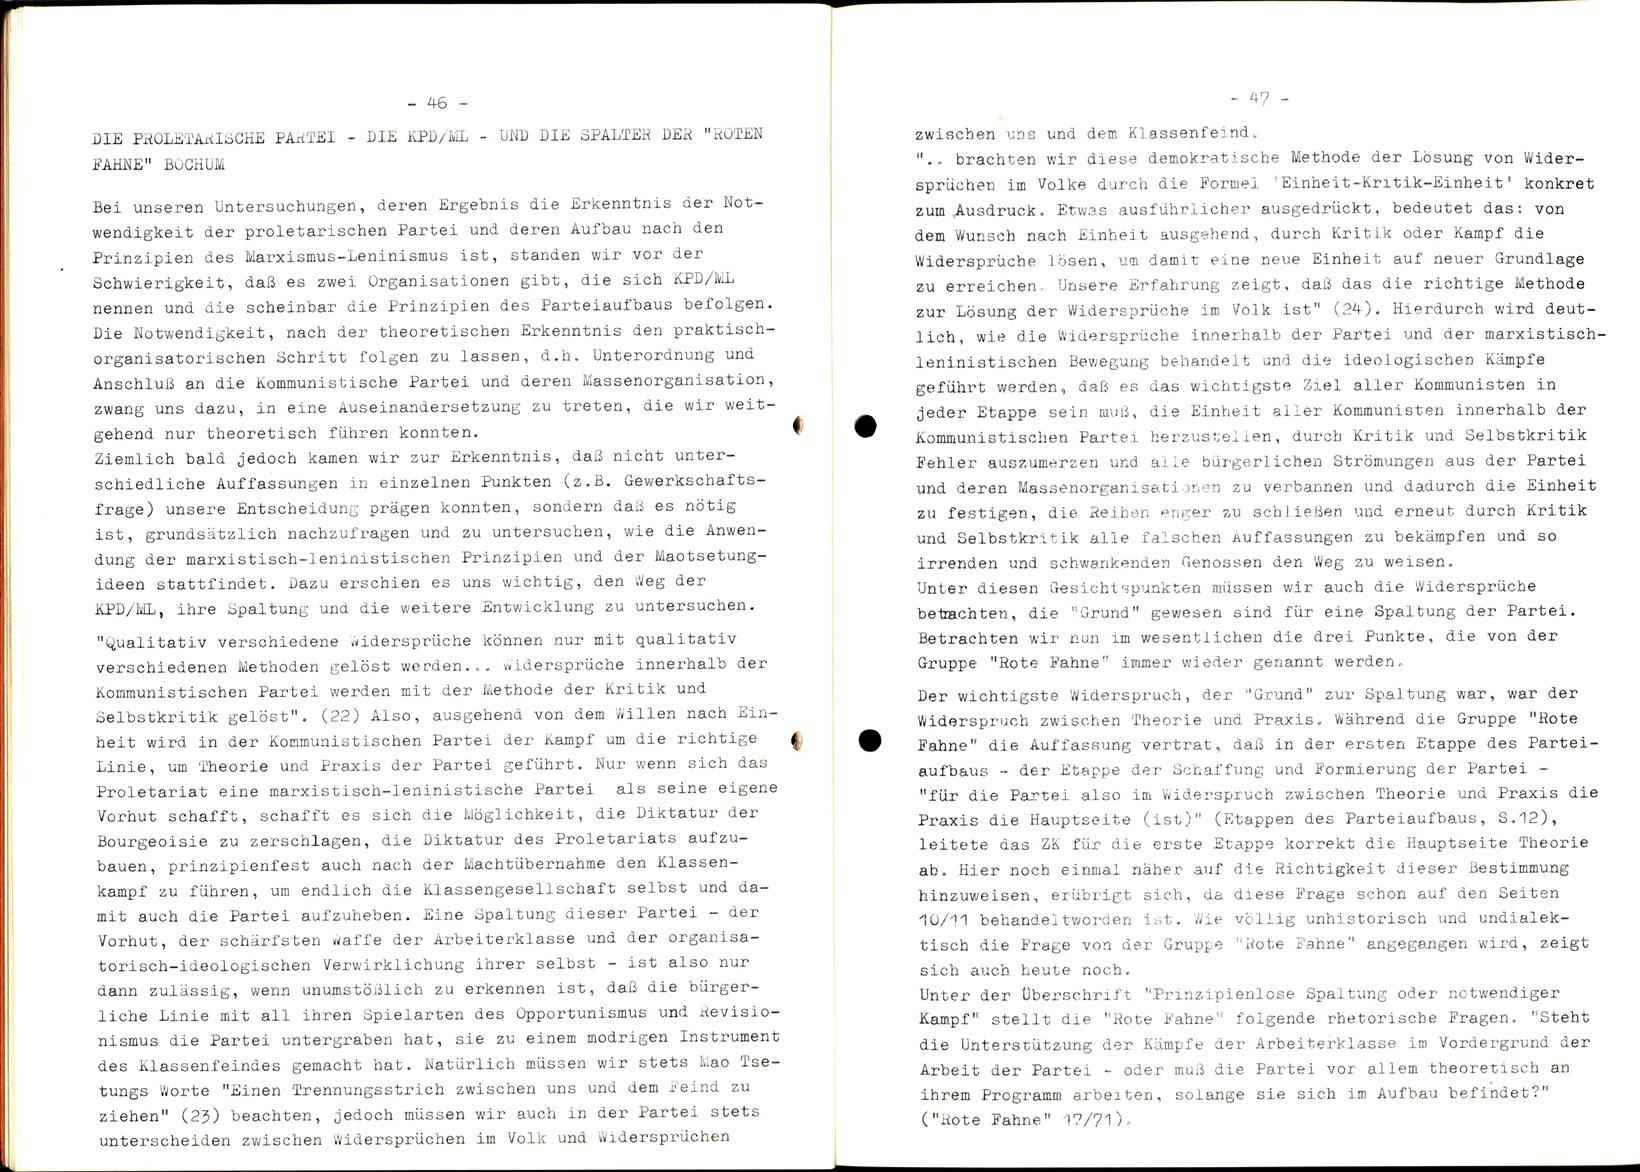 Aachen_KSBML_1971_Selbstkritik_25